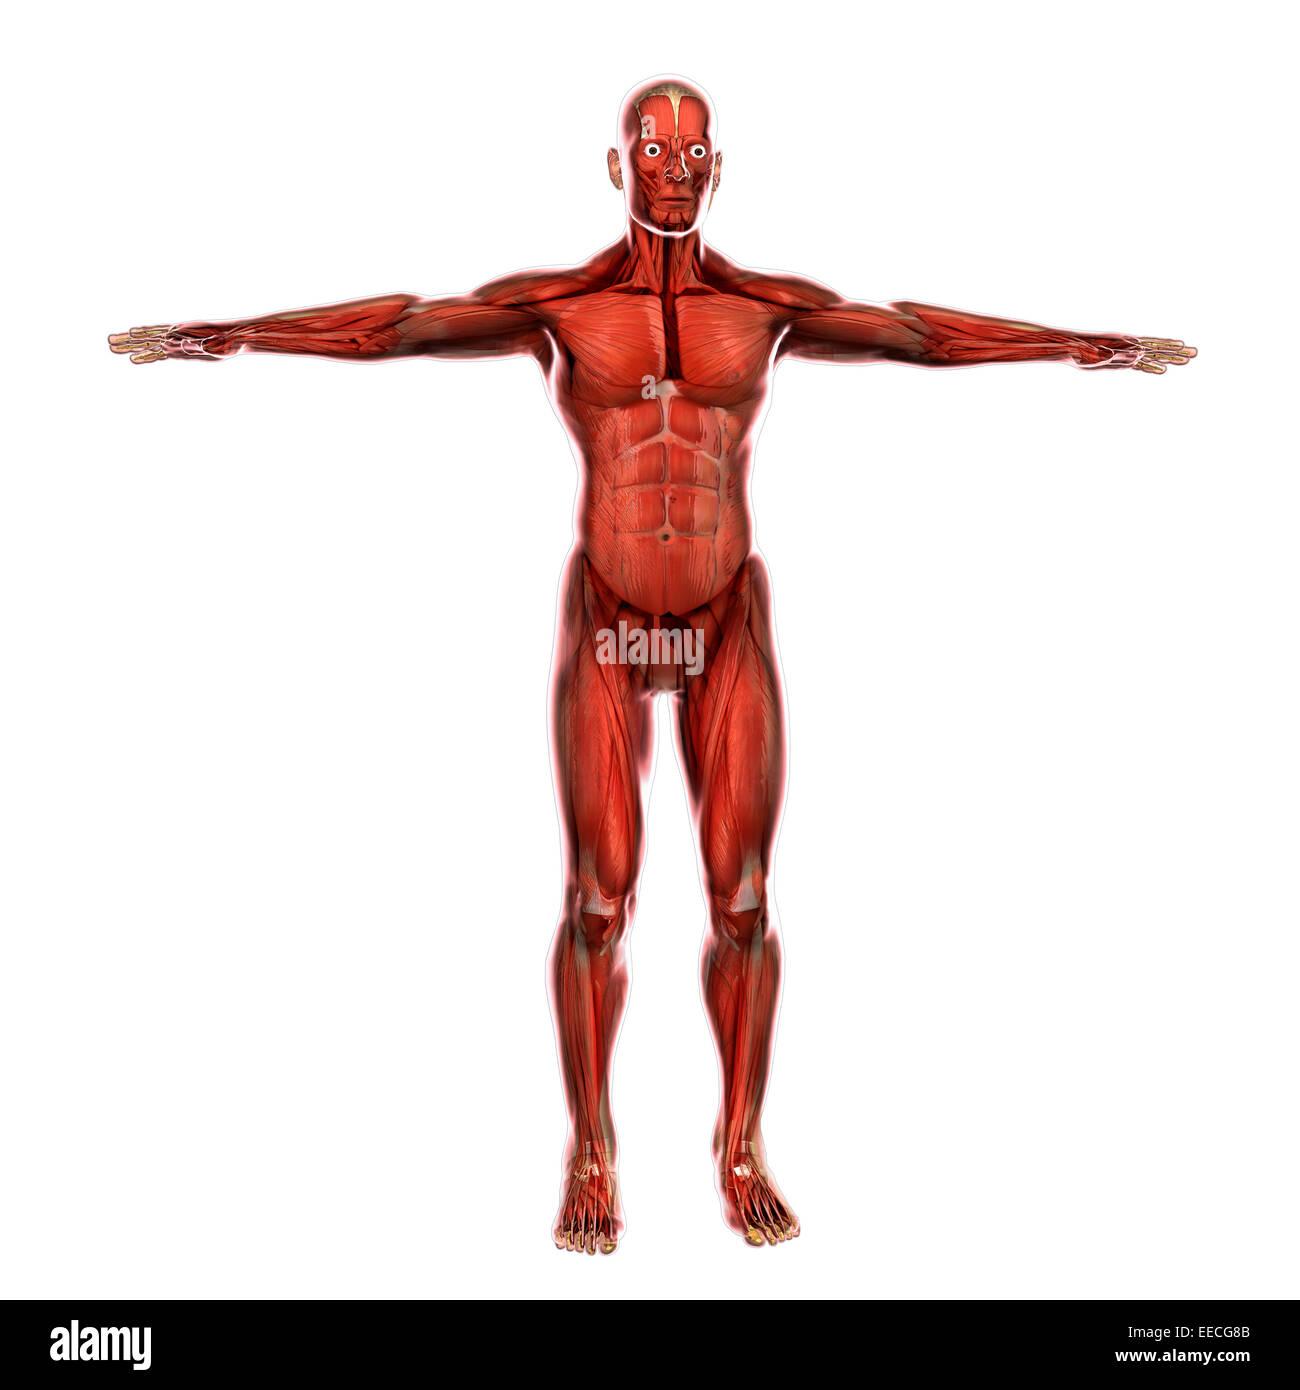 Human Muscular System Stock Photos Human Muscular System Stock